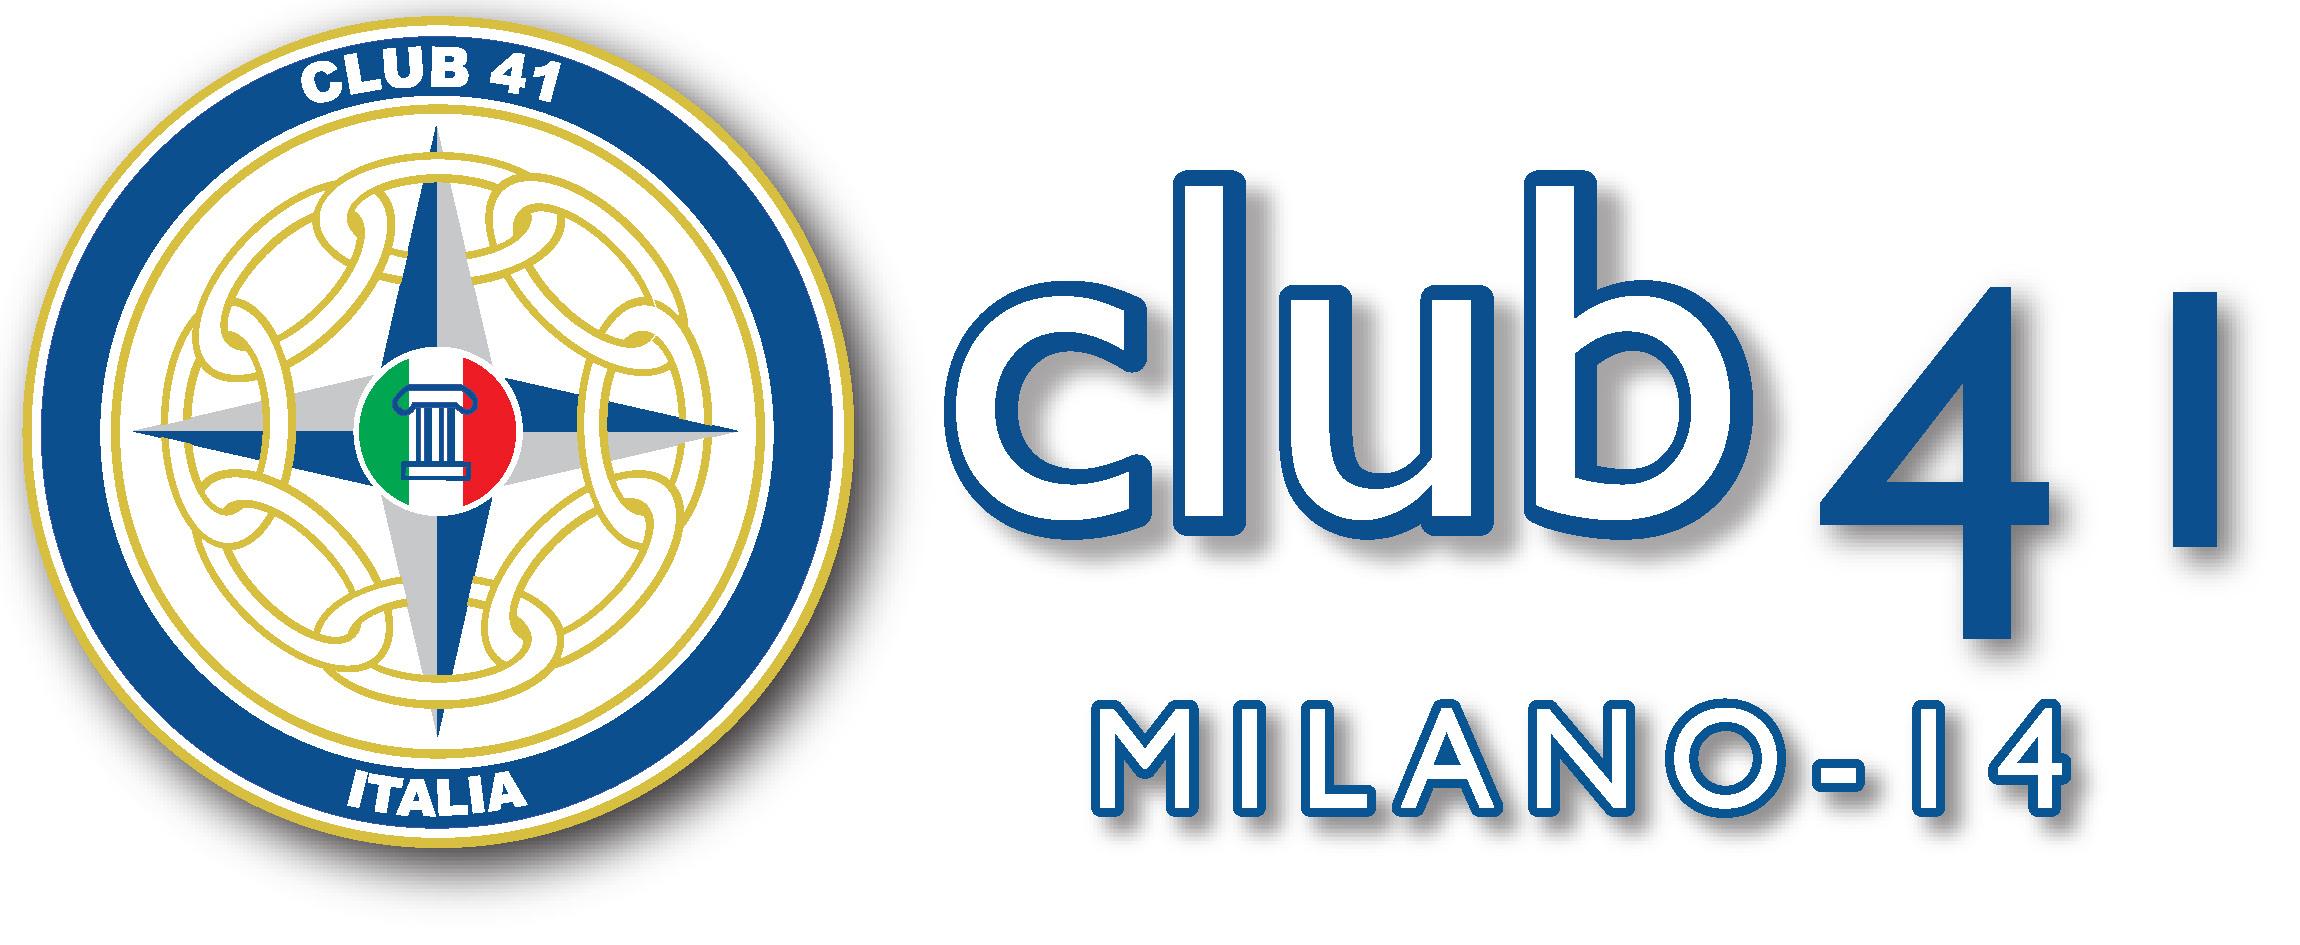 Chiusura e passaggio del Collare - Milano